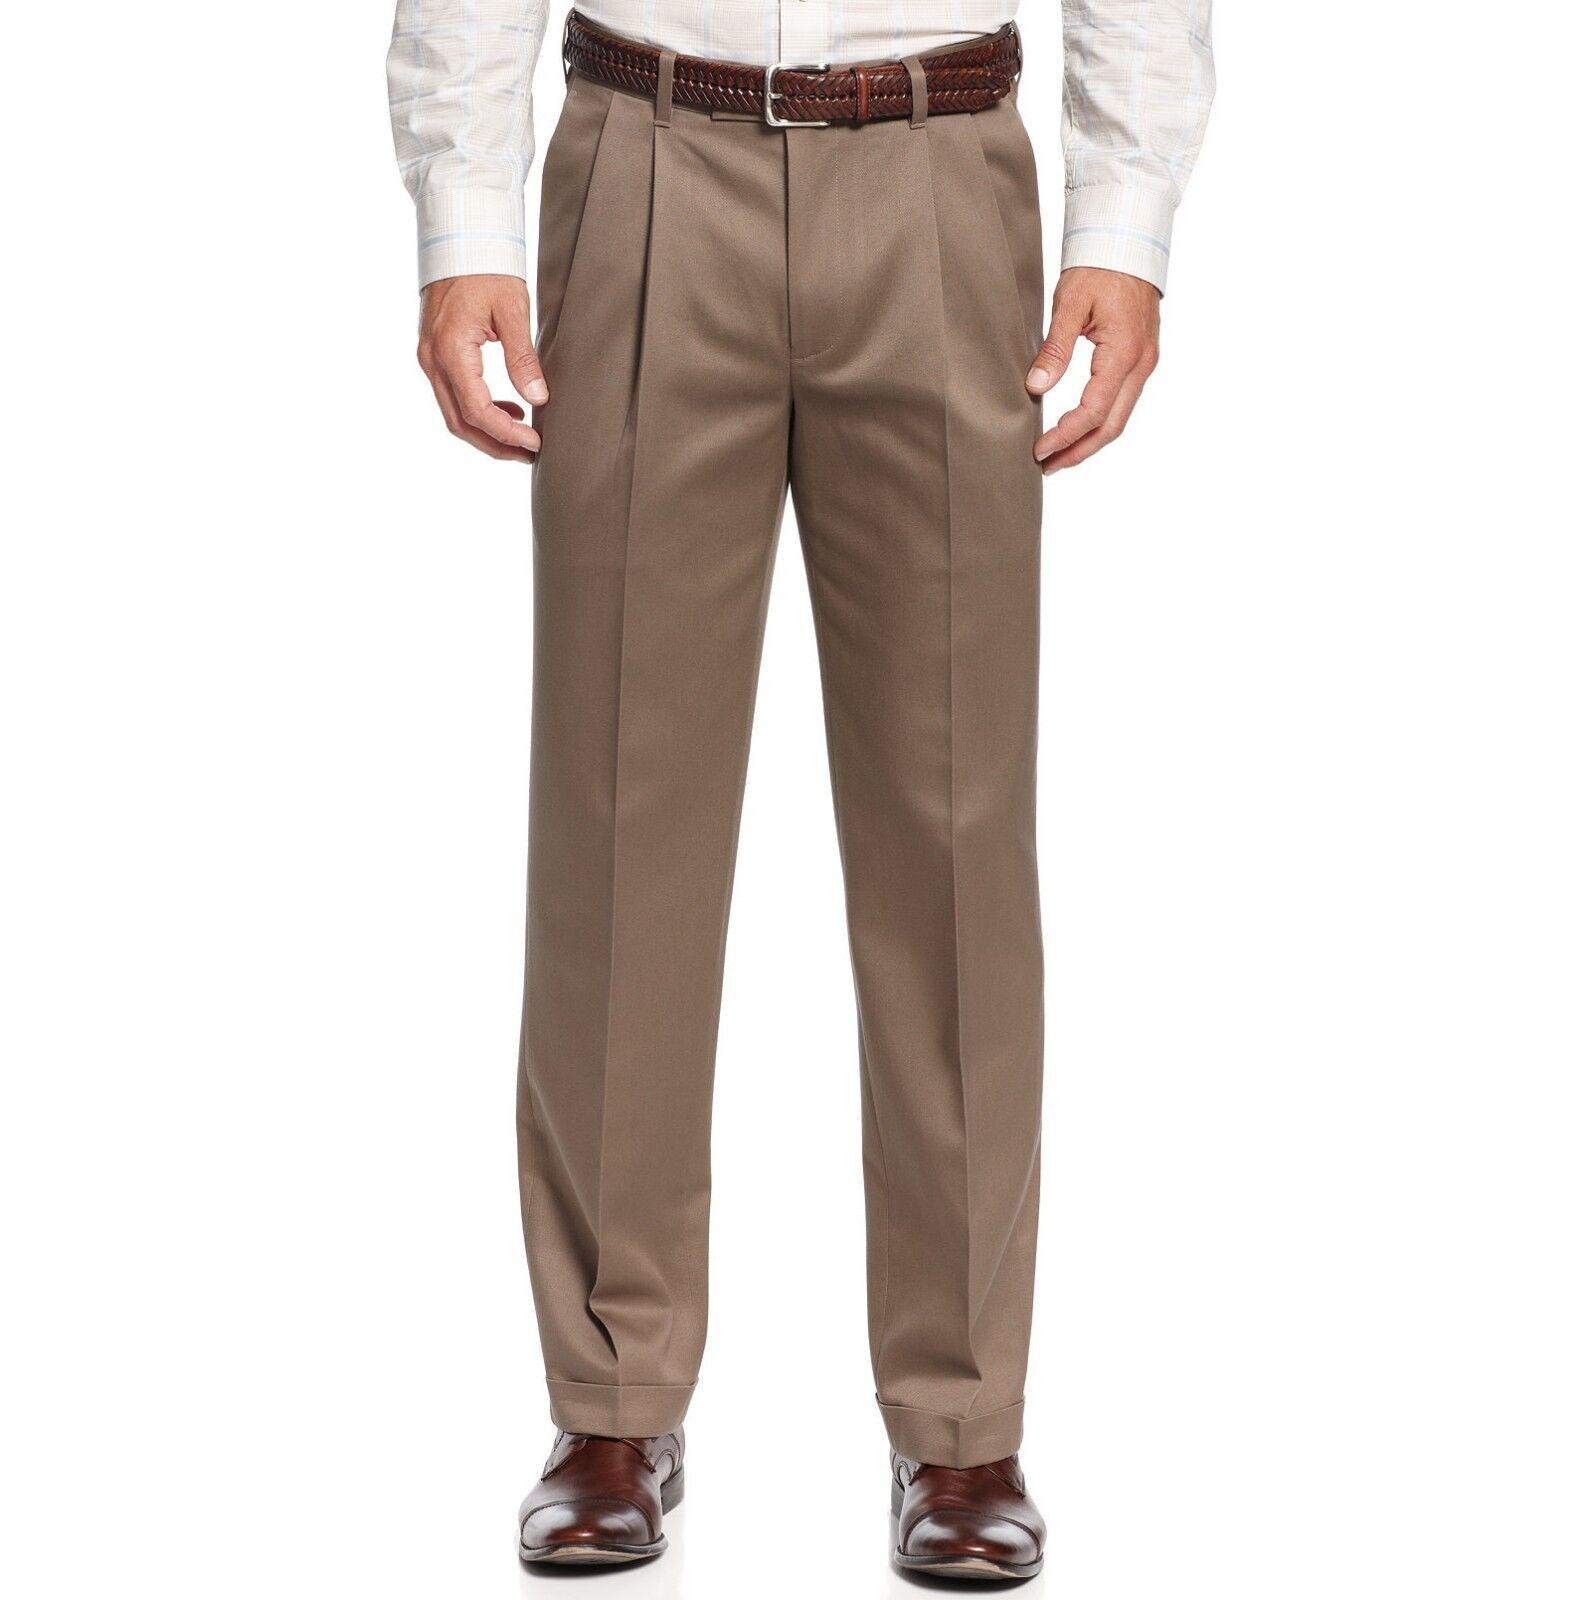 PERRY ELLIS PORTFOLIO men BROWN FIT PLEATED FRONT DRESS PANTS 36 W 32 L